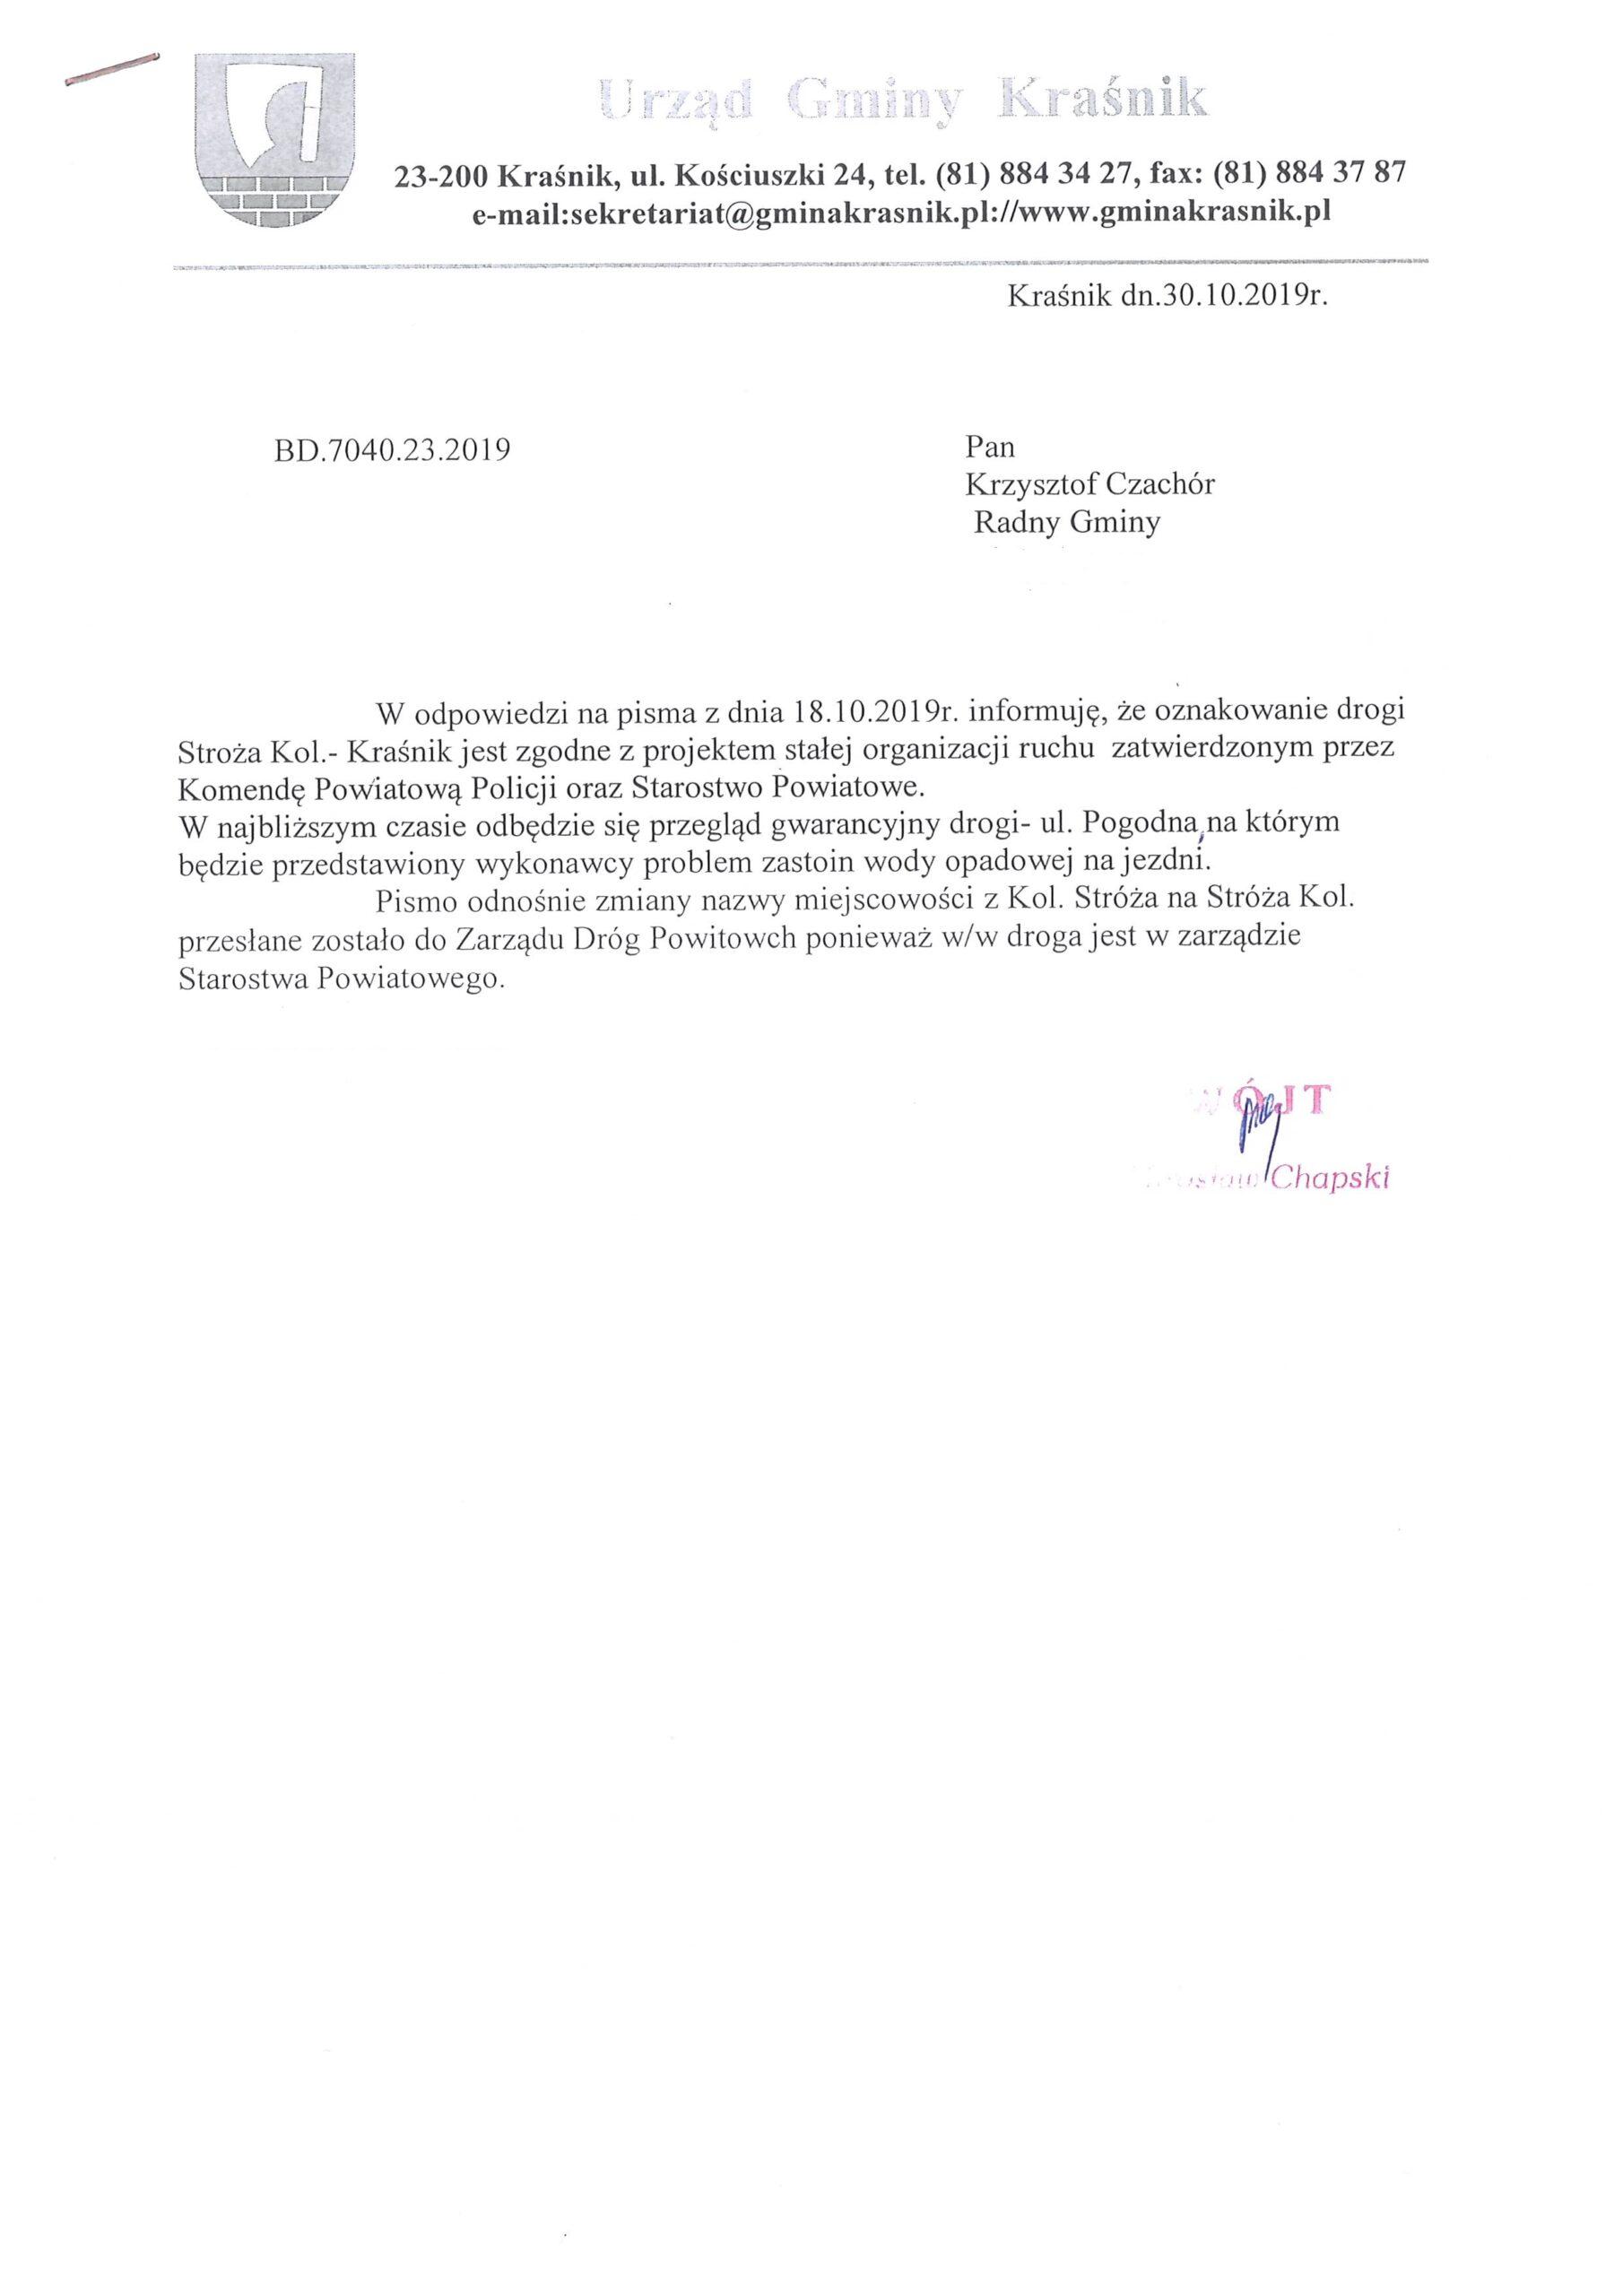 odp. int. Krzysztof Czachór scaled